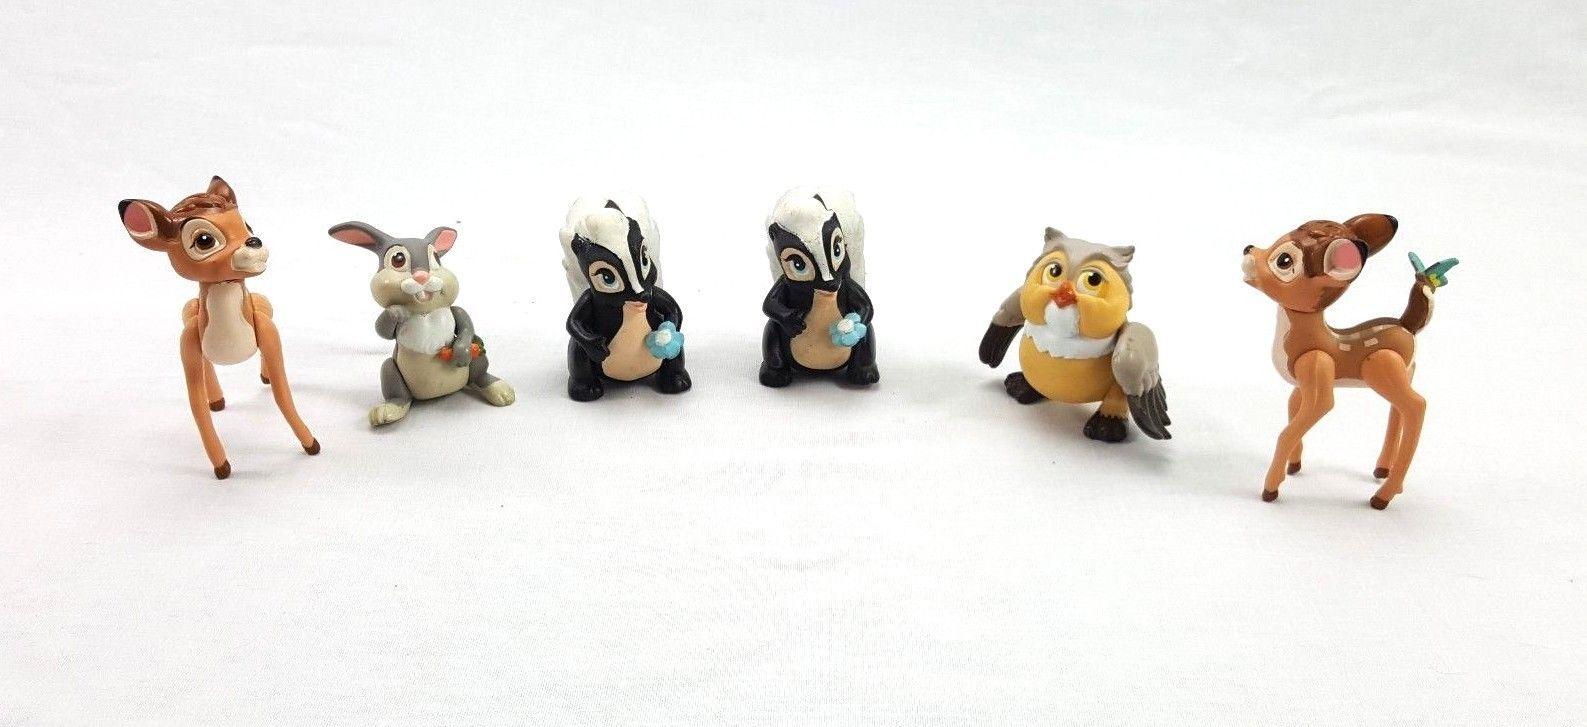 7 Pcs Disney Bambi Thumper Flower Bambi Figure Best Xmas Gift For Childeren